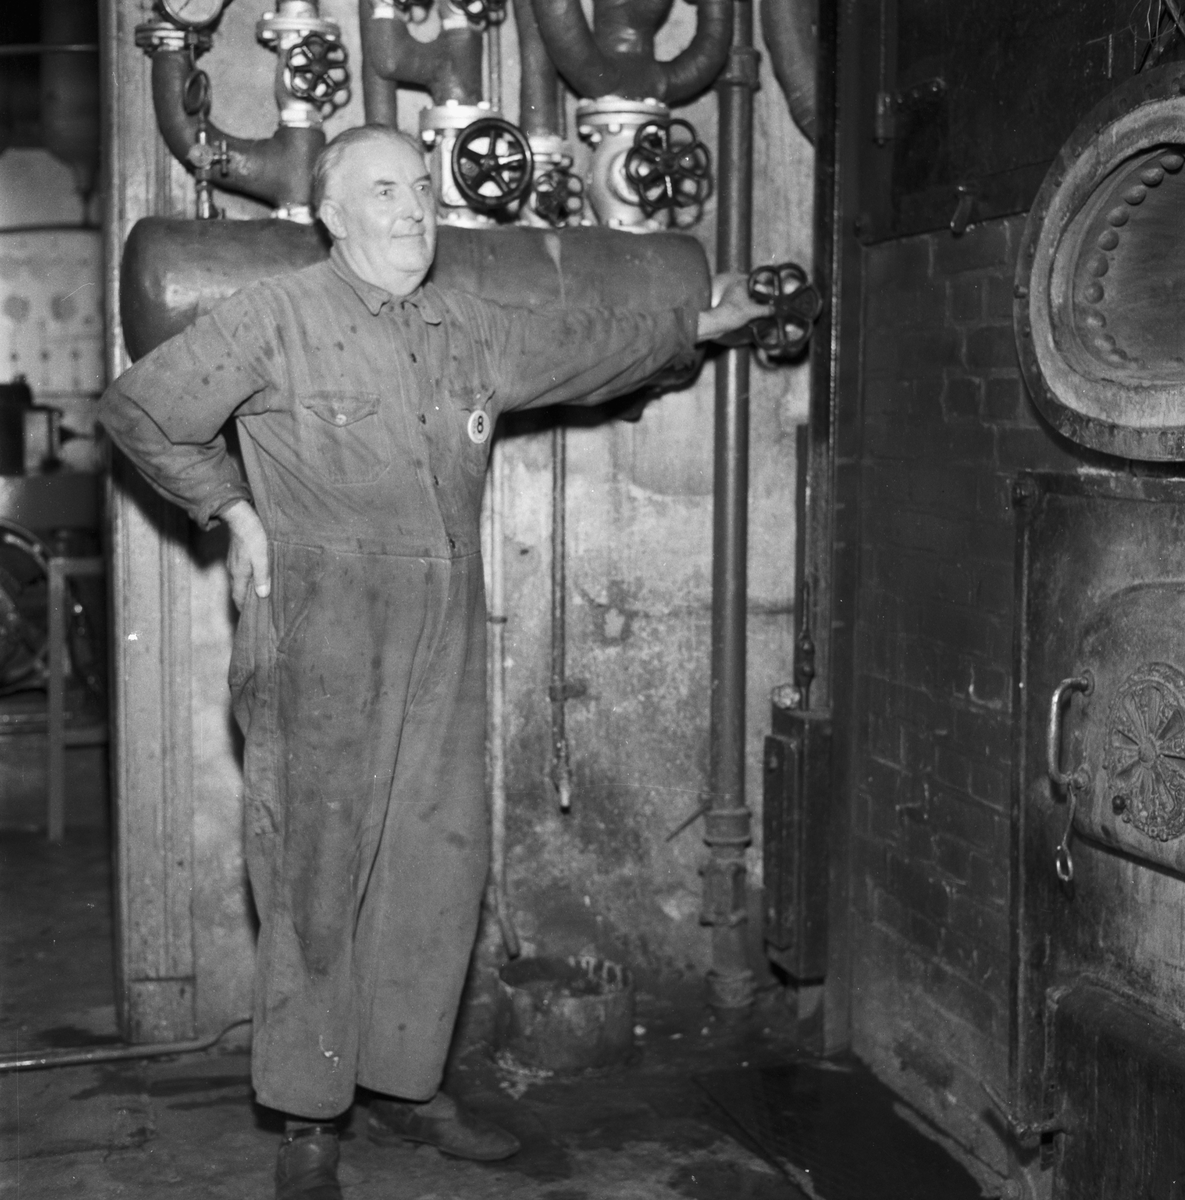 Övrigt: Foto datum: 8/7 1954 Byggnader och kranar Torpedverkstan (arbetare)